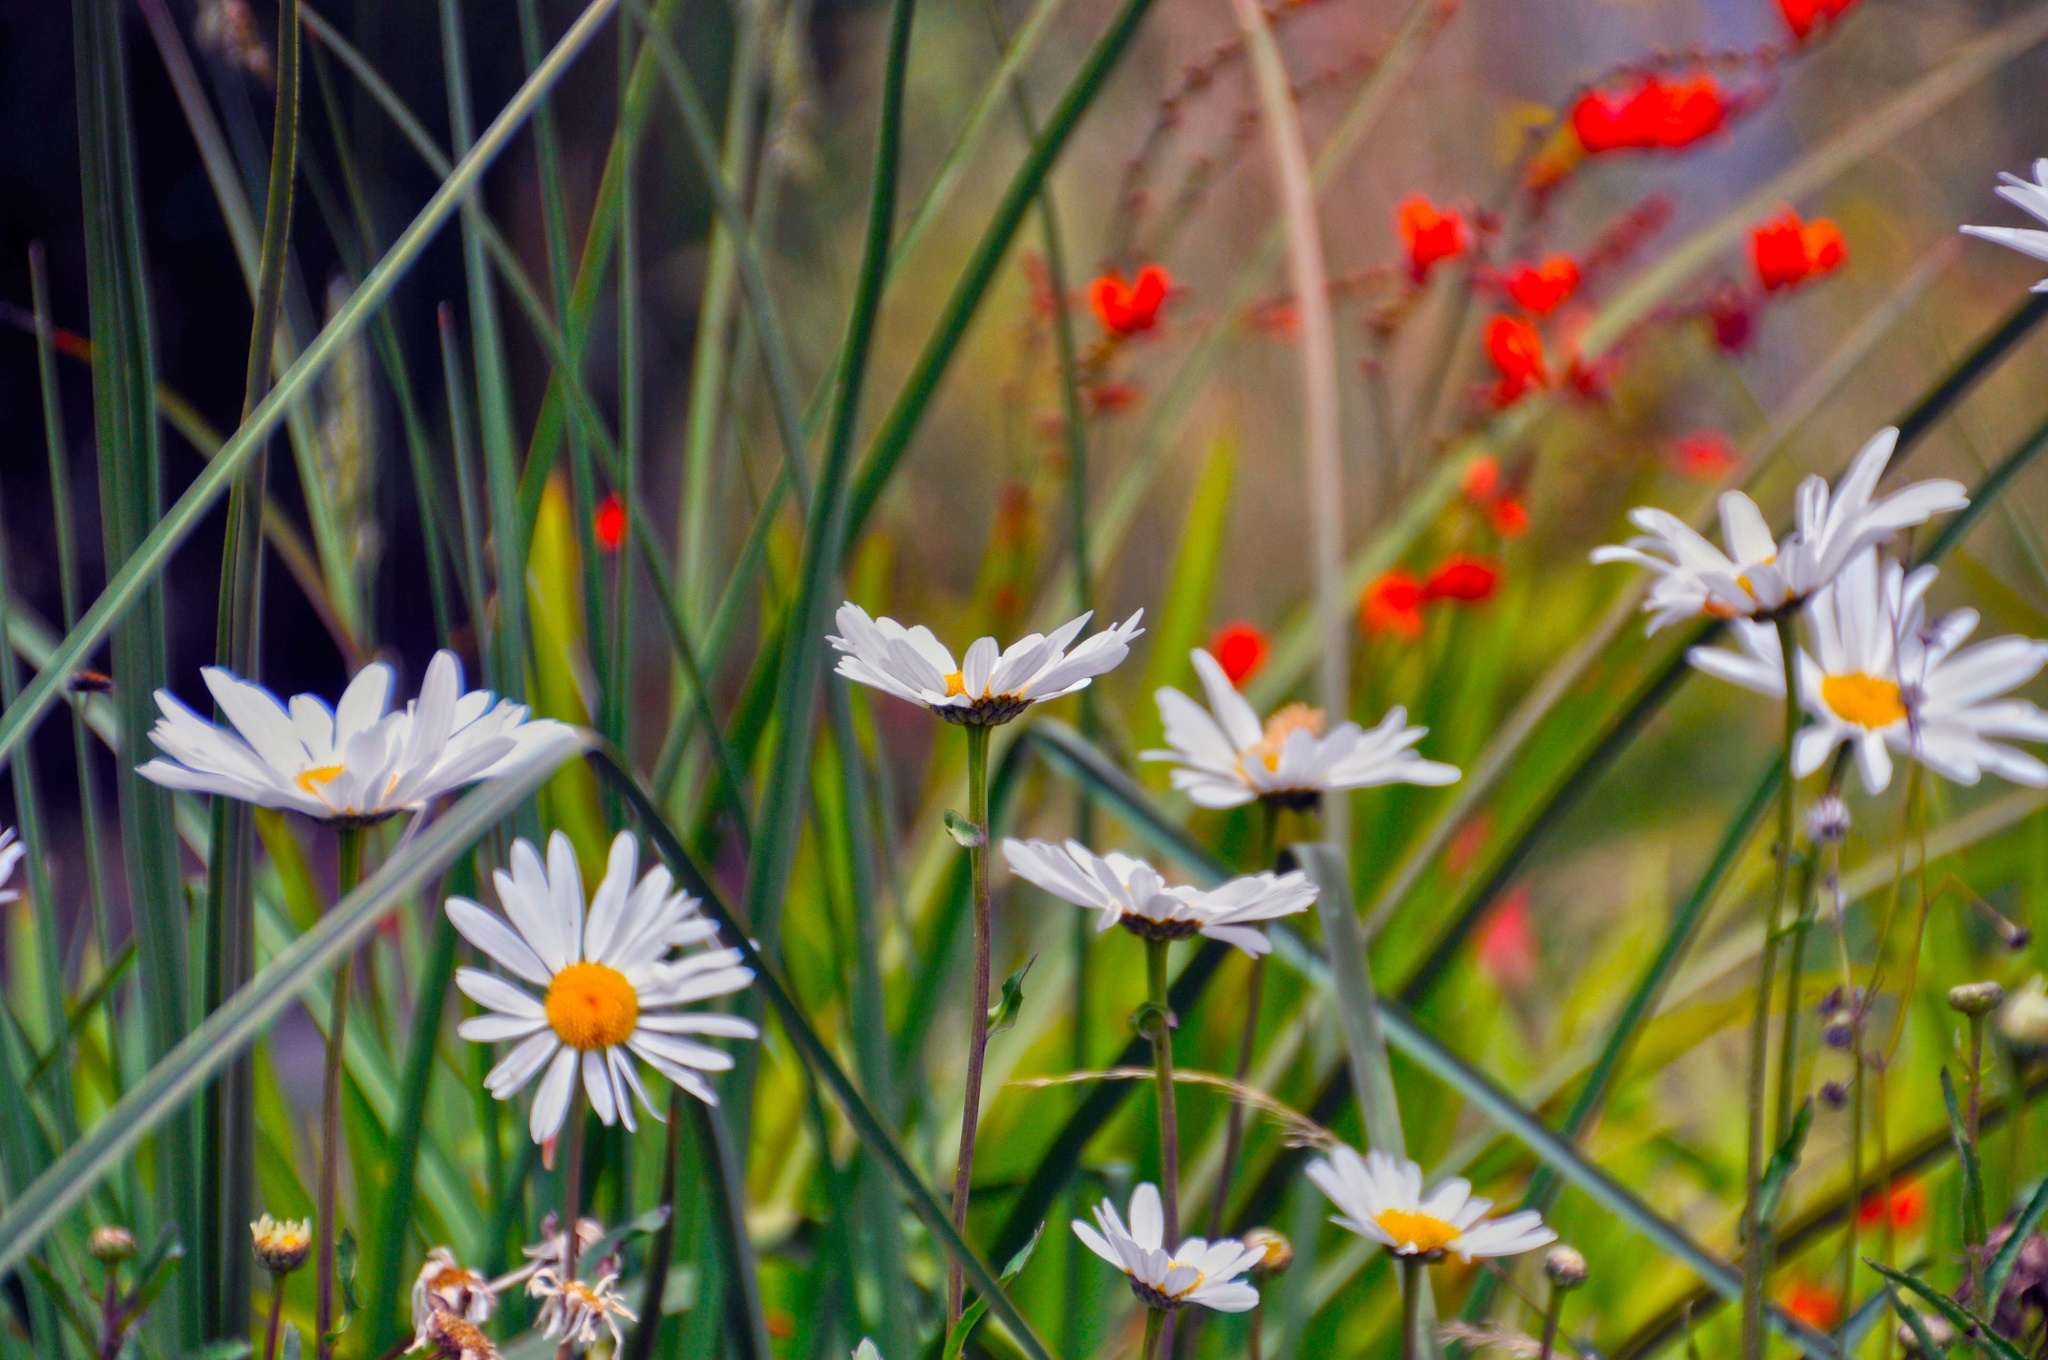 Summer Flowers by stefan pettersson